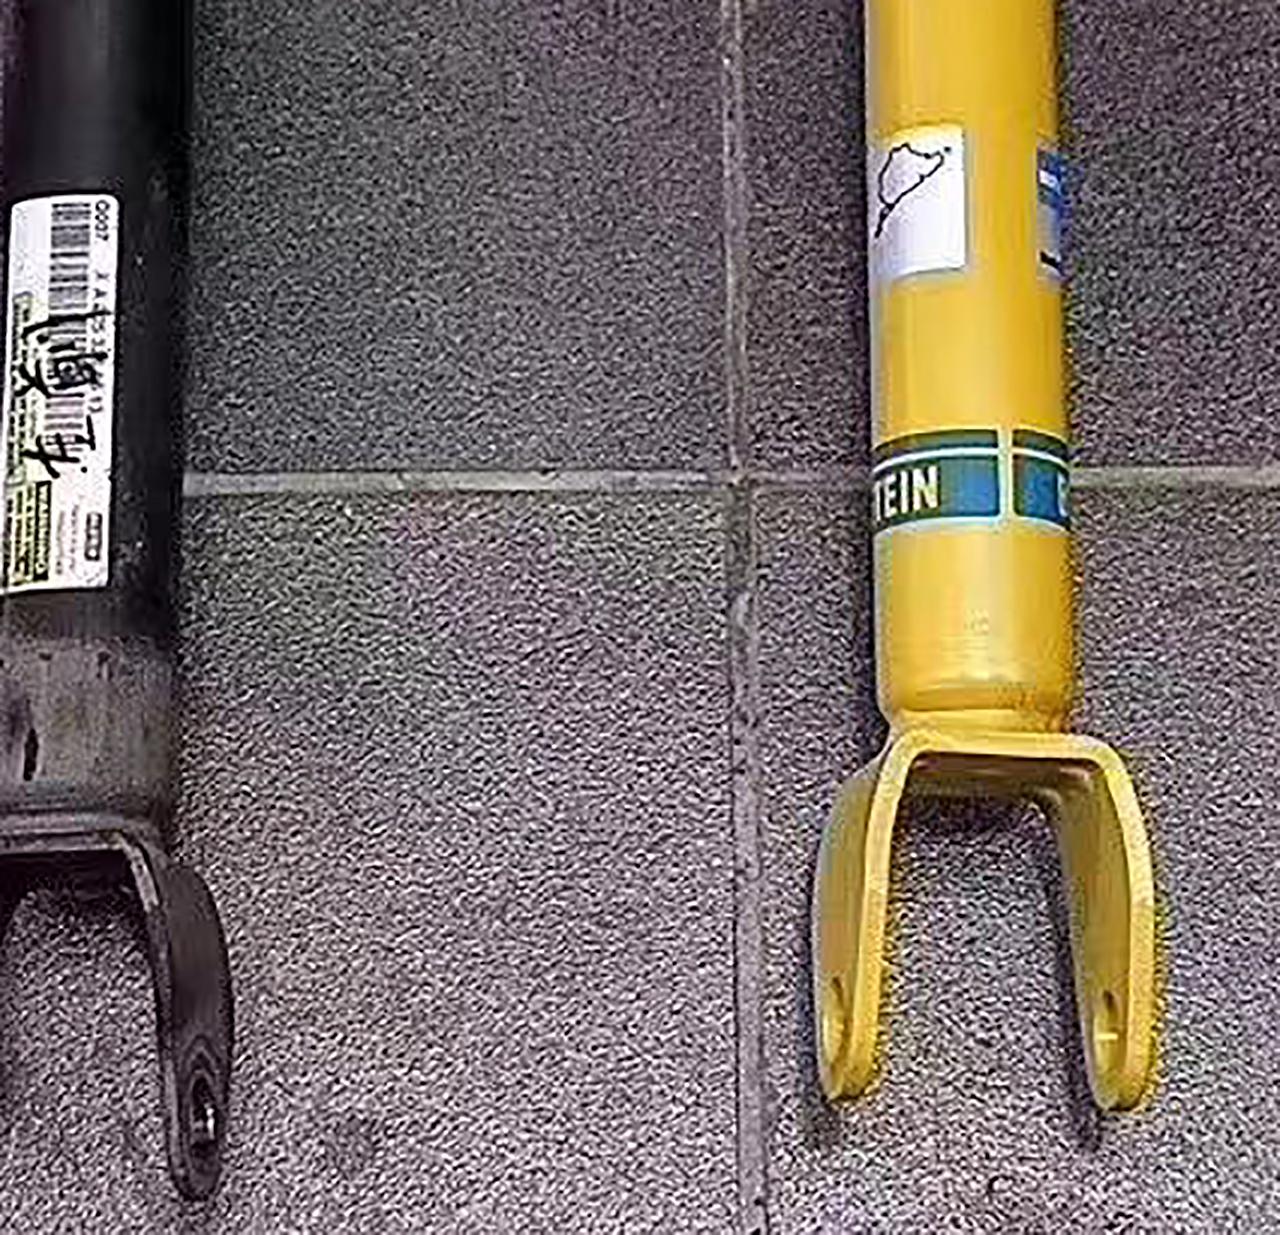 左侧为原厂减震器,右侧为倍适登B12减震器。